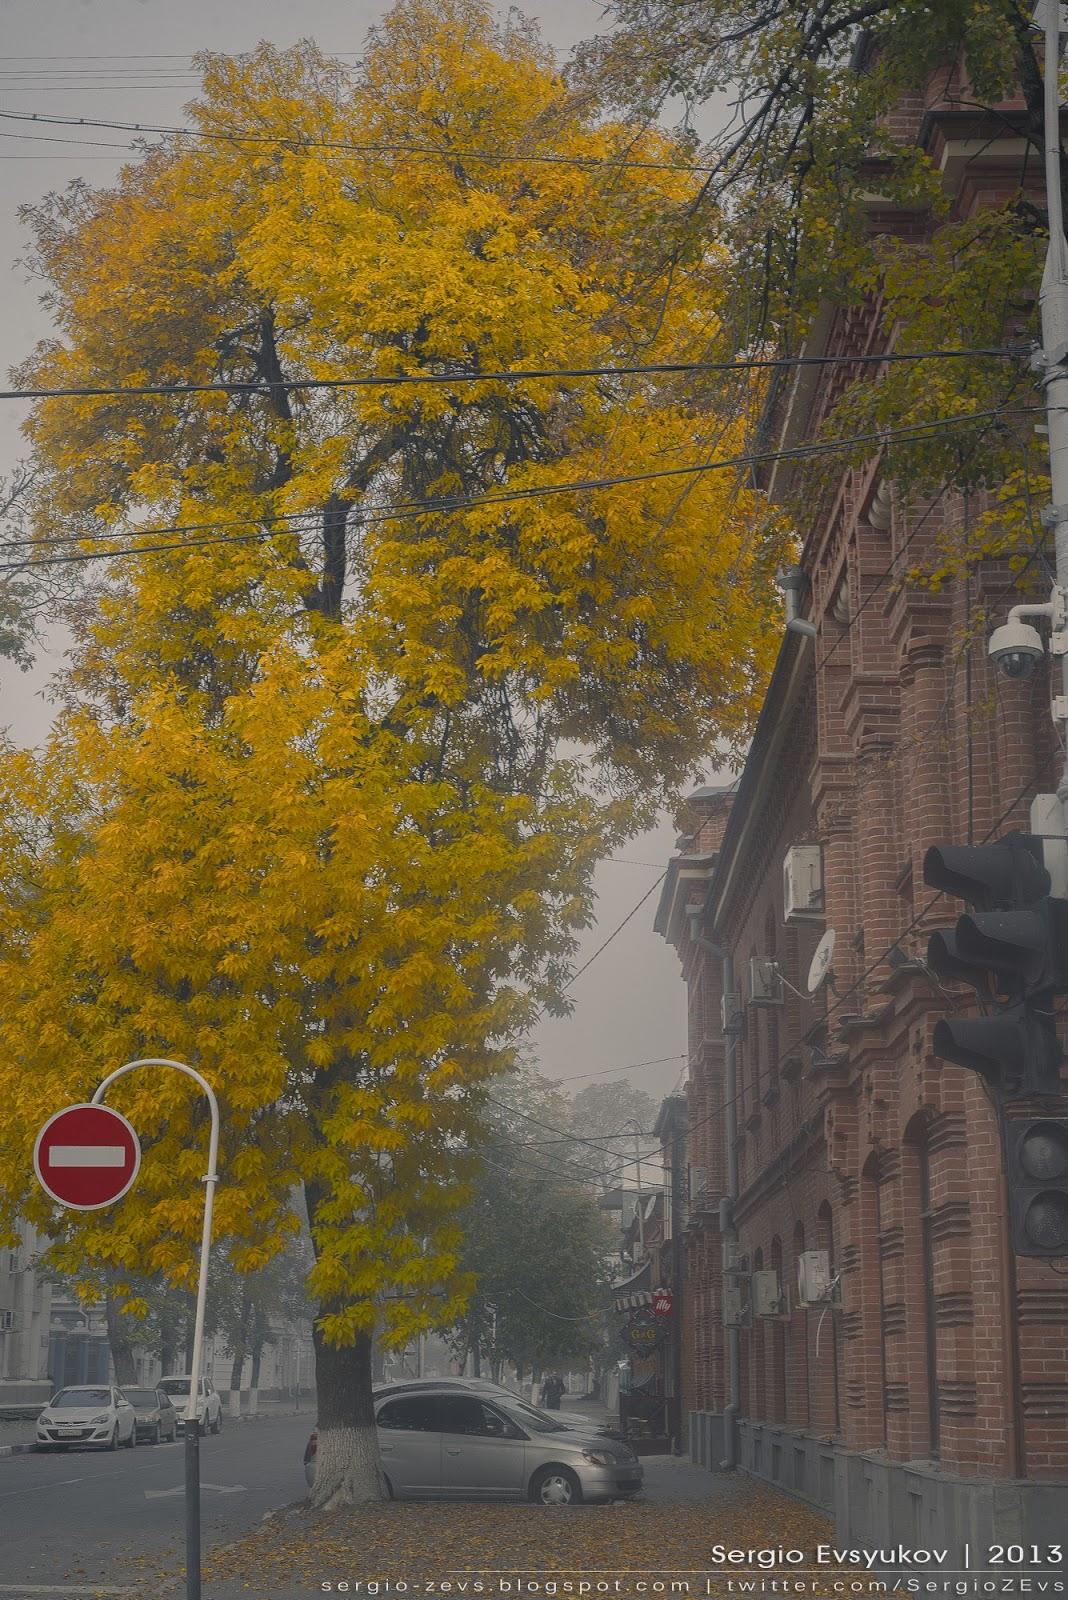 Fog in Krasnodar